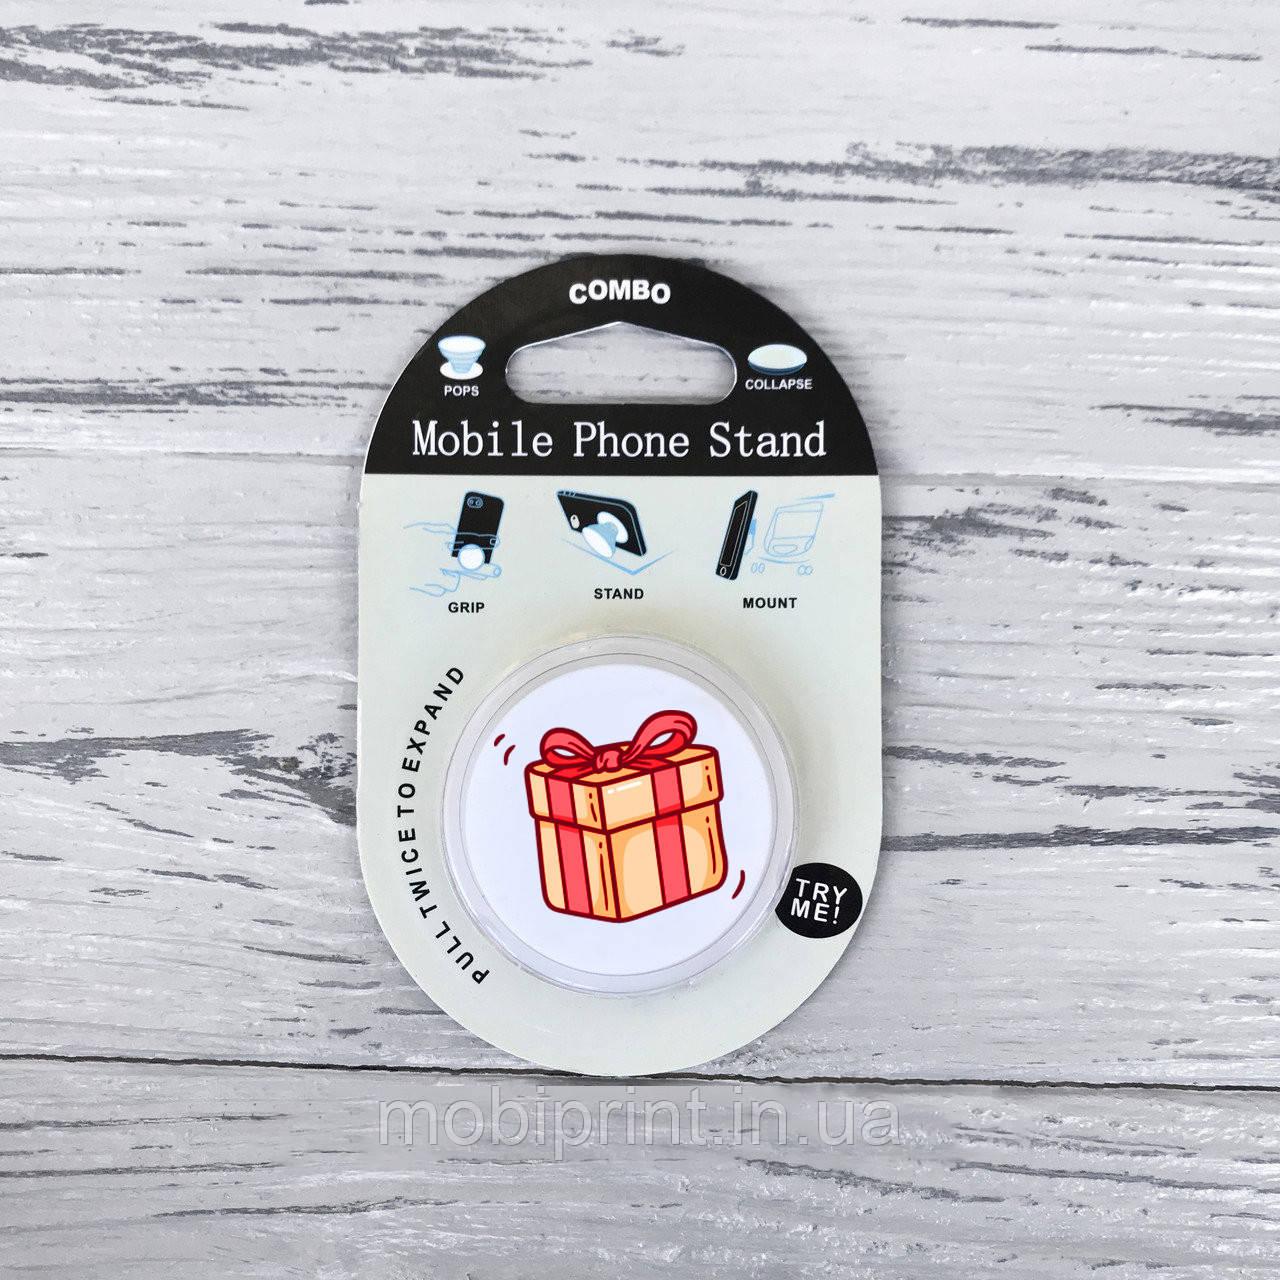 Попсокет (Popsockets) держатель для смартфона (8754-2985)